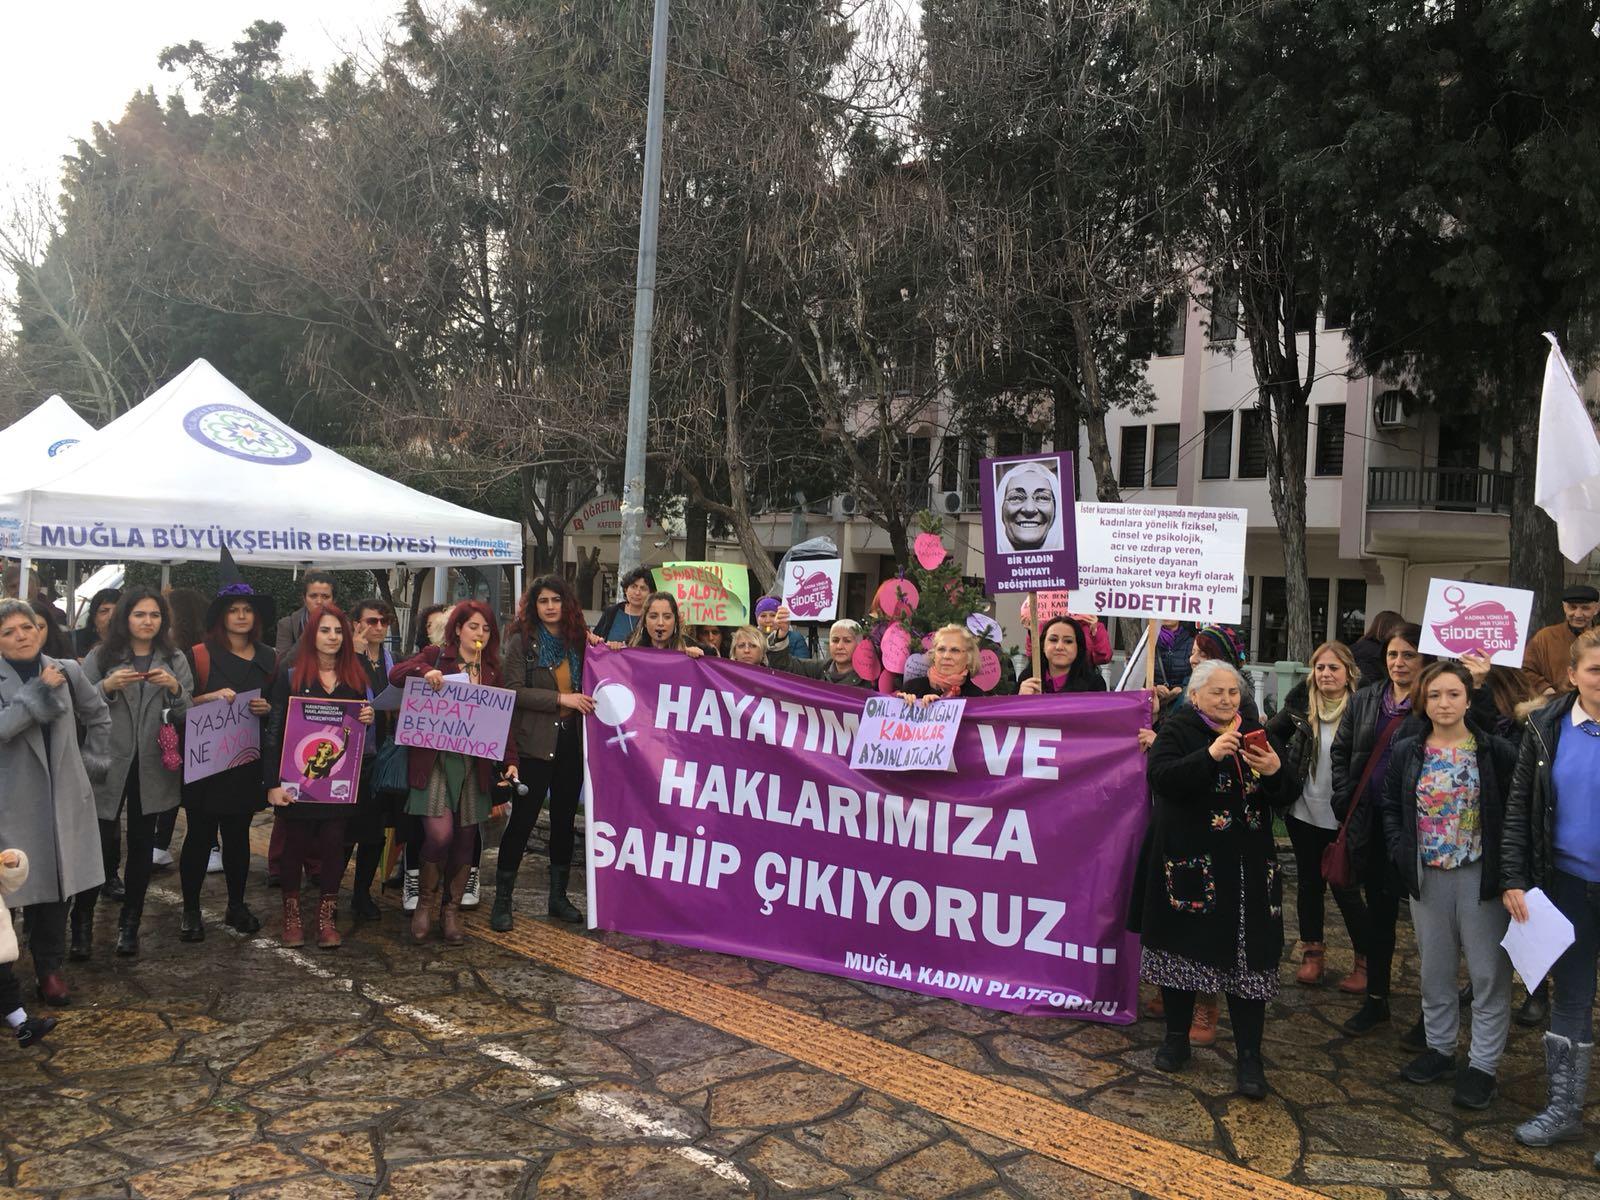 Muğla'da Kadınlar Haykırdı: Hayatımıza ve Haklarımıza Sahip Çıkıyoruz